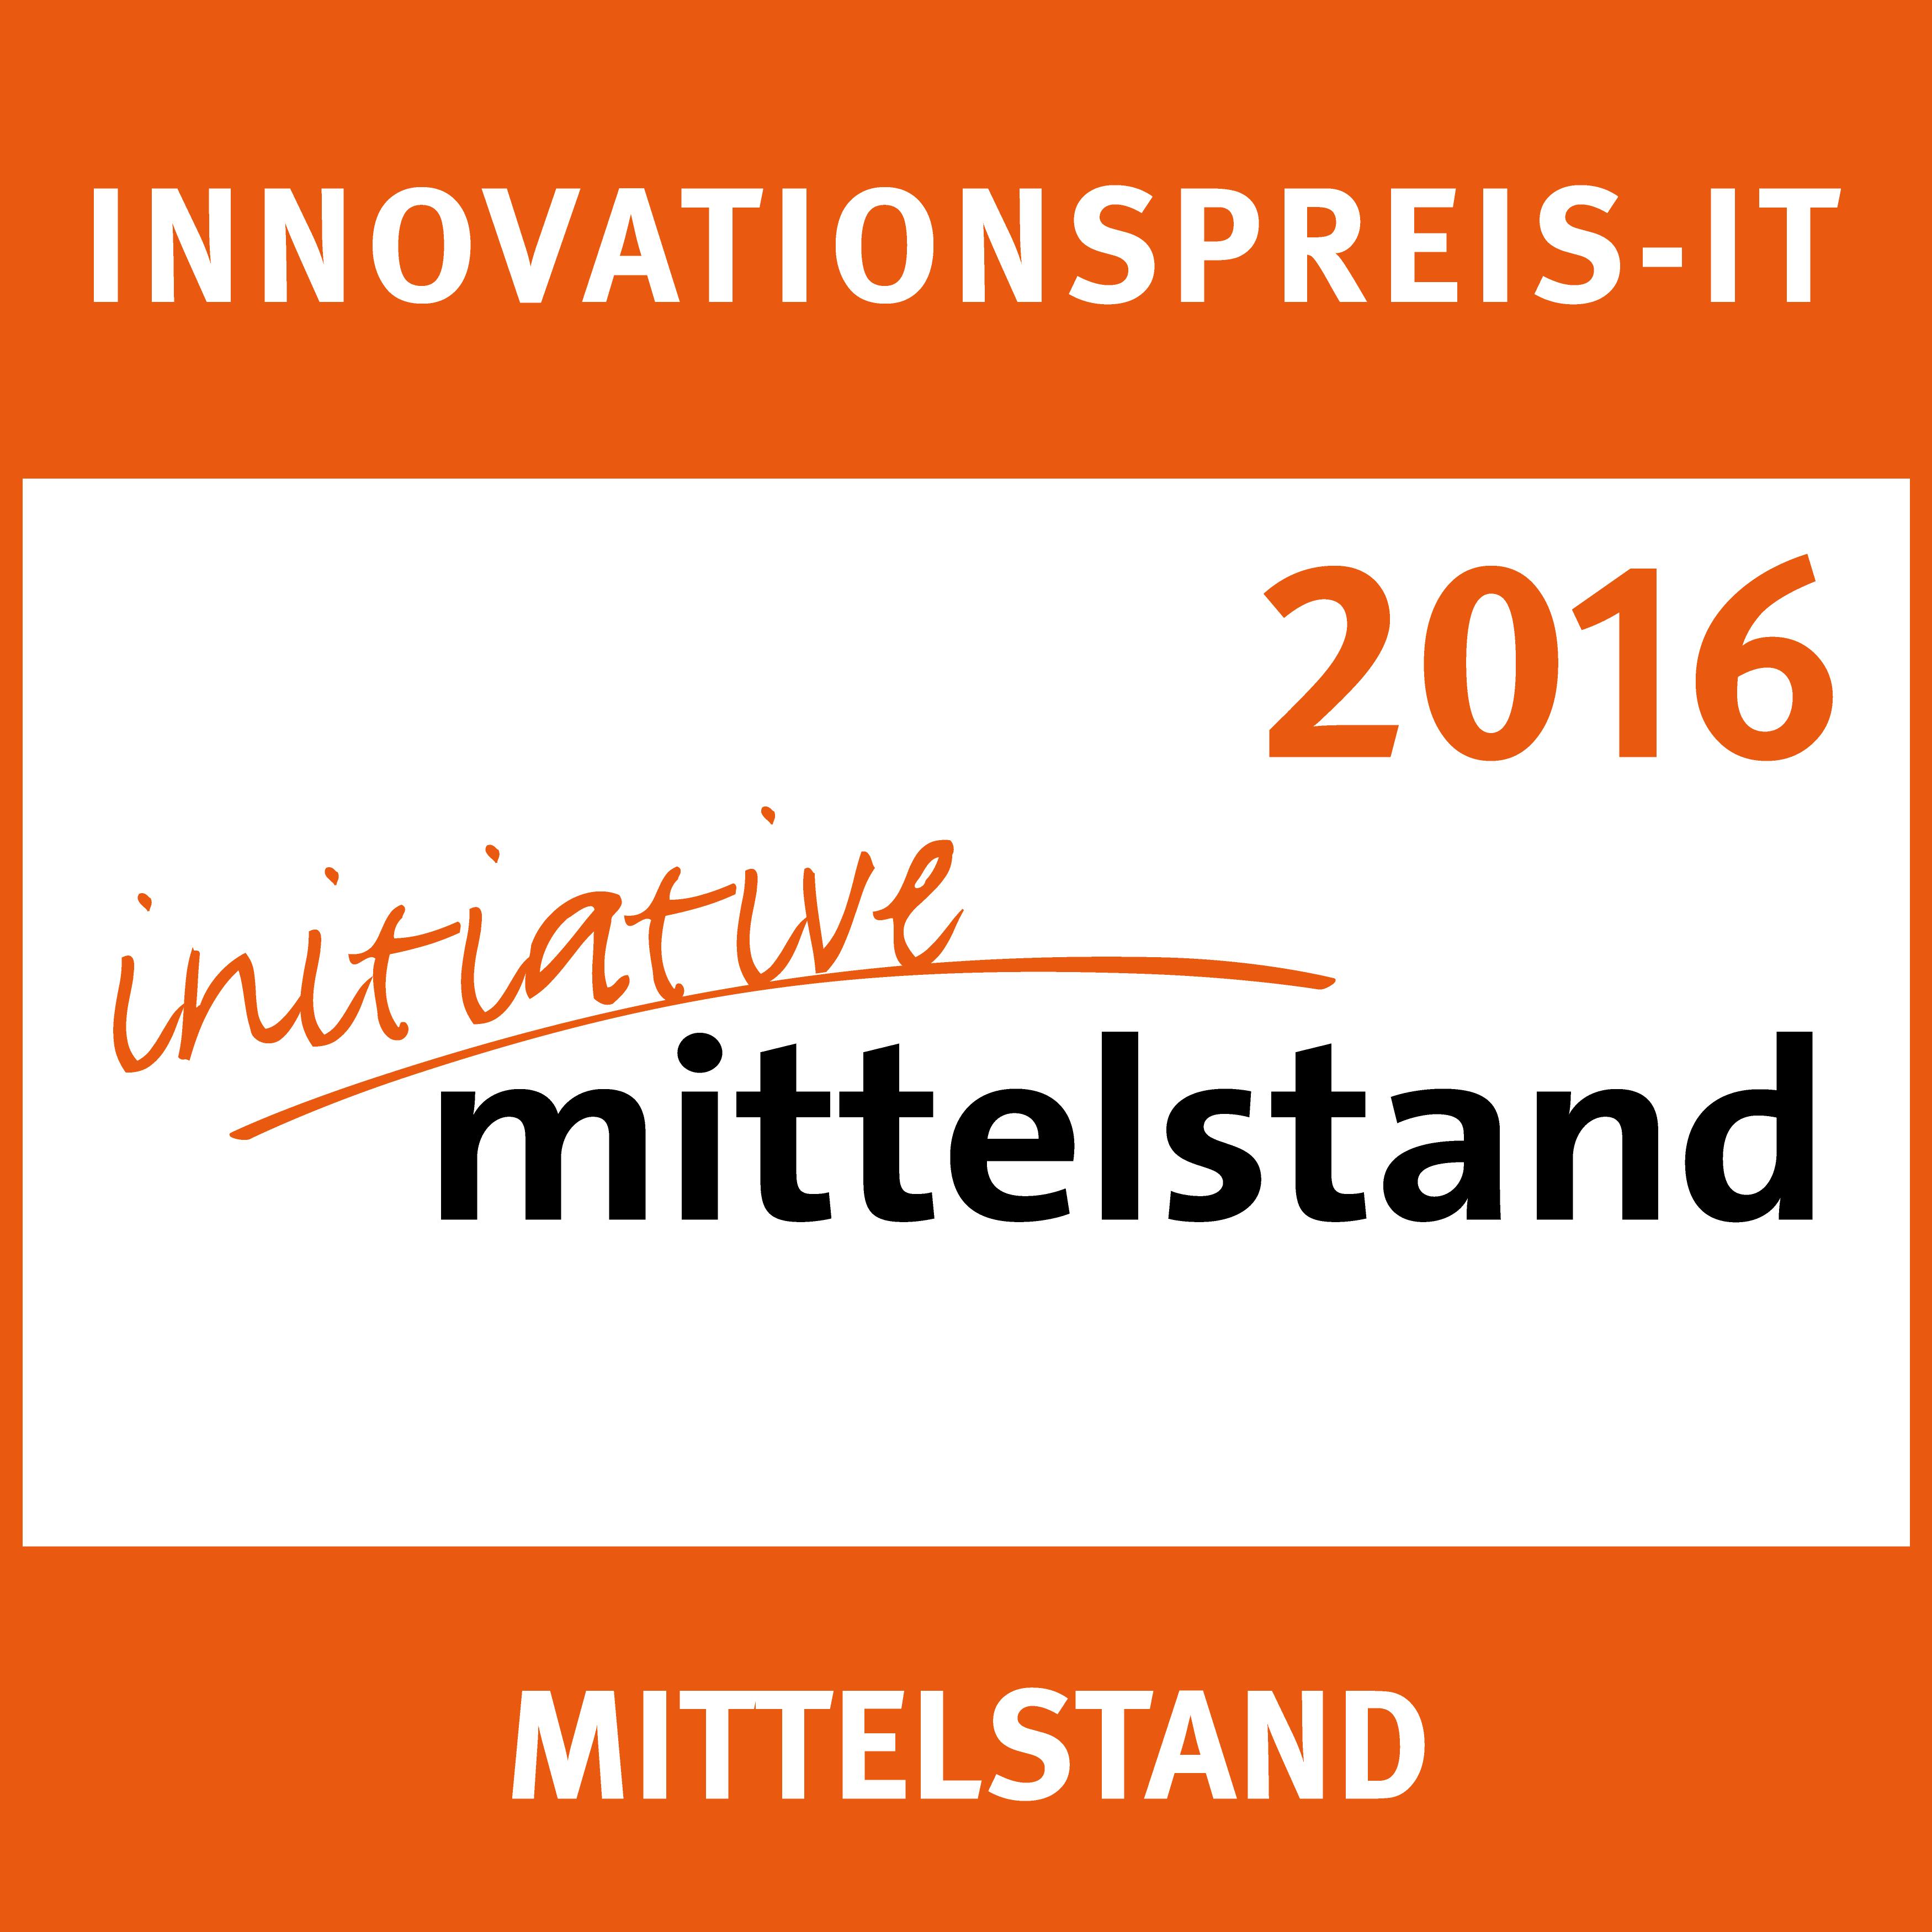 Innovationspreis IT 2016